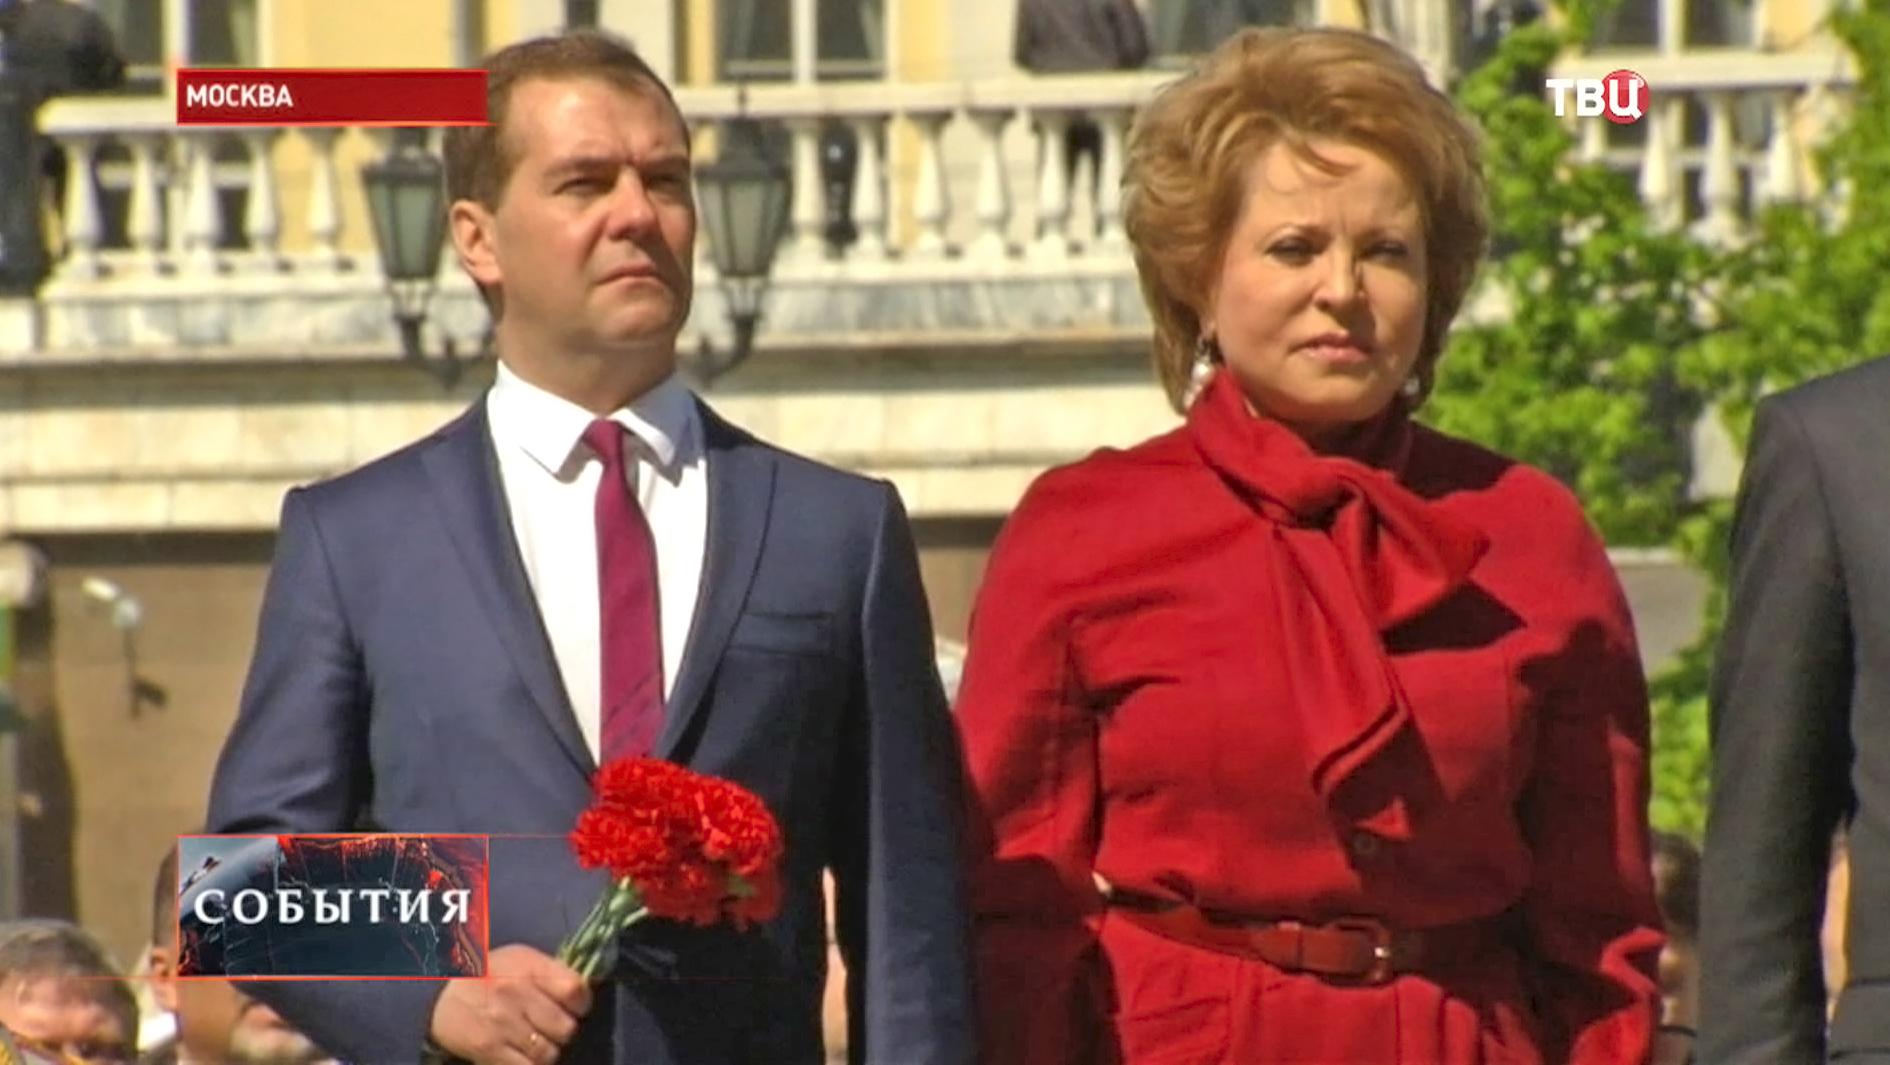 Премьер-министр Дмитрий Медведев и Валентина Матвиенко, спикер Совета Федерации